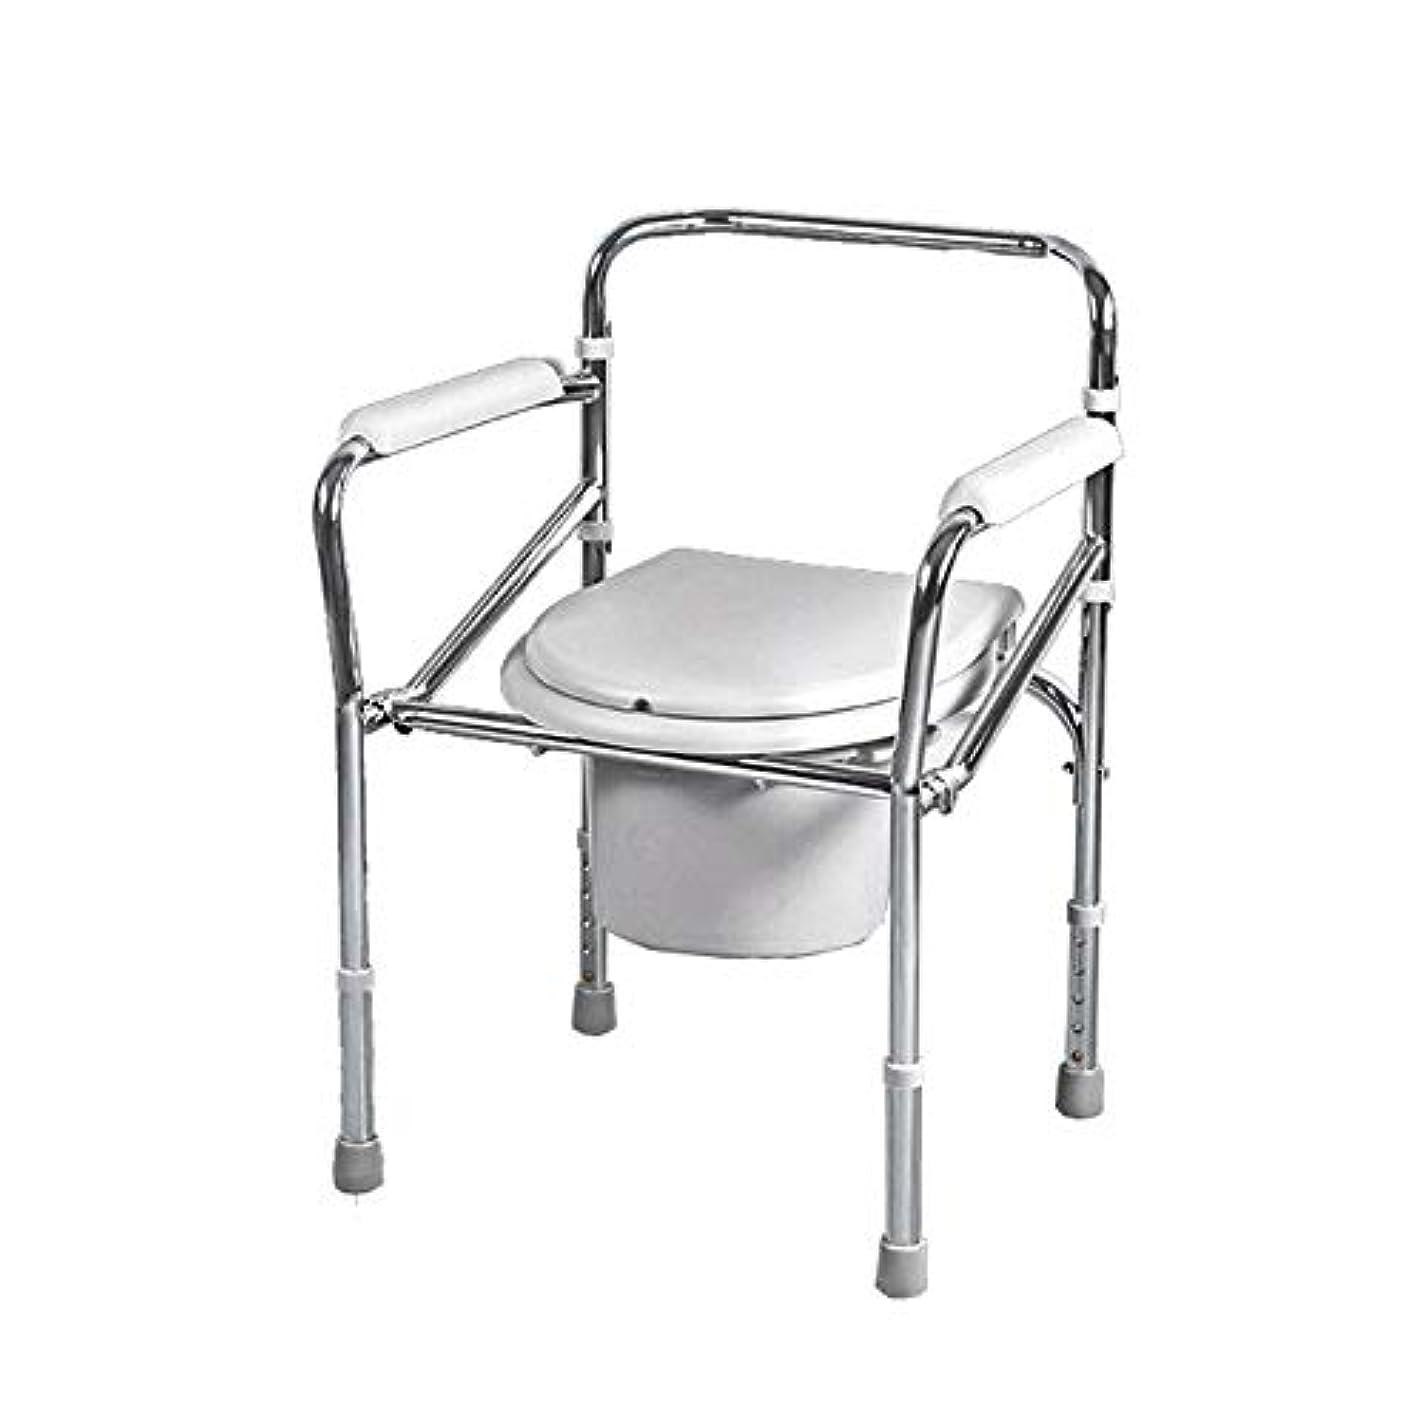 密列挙する歩く携帯用浴室の椅子の折りたたみ便器の椅子の高齢者のための軽量の丈夫で簡単な浴室の取り外し可能な部分